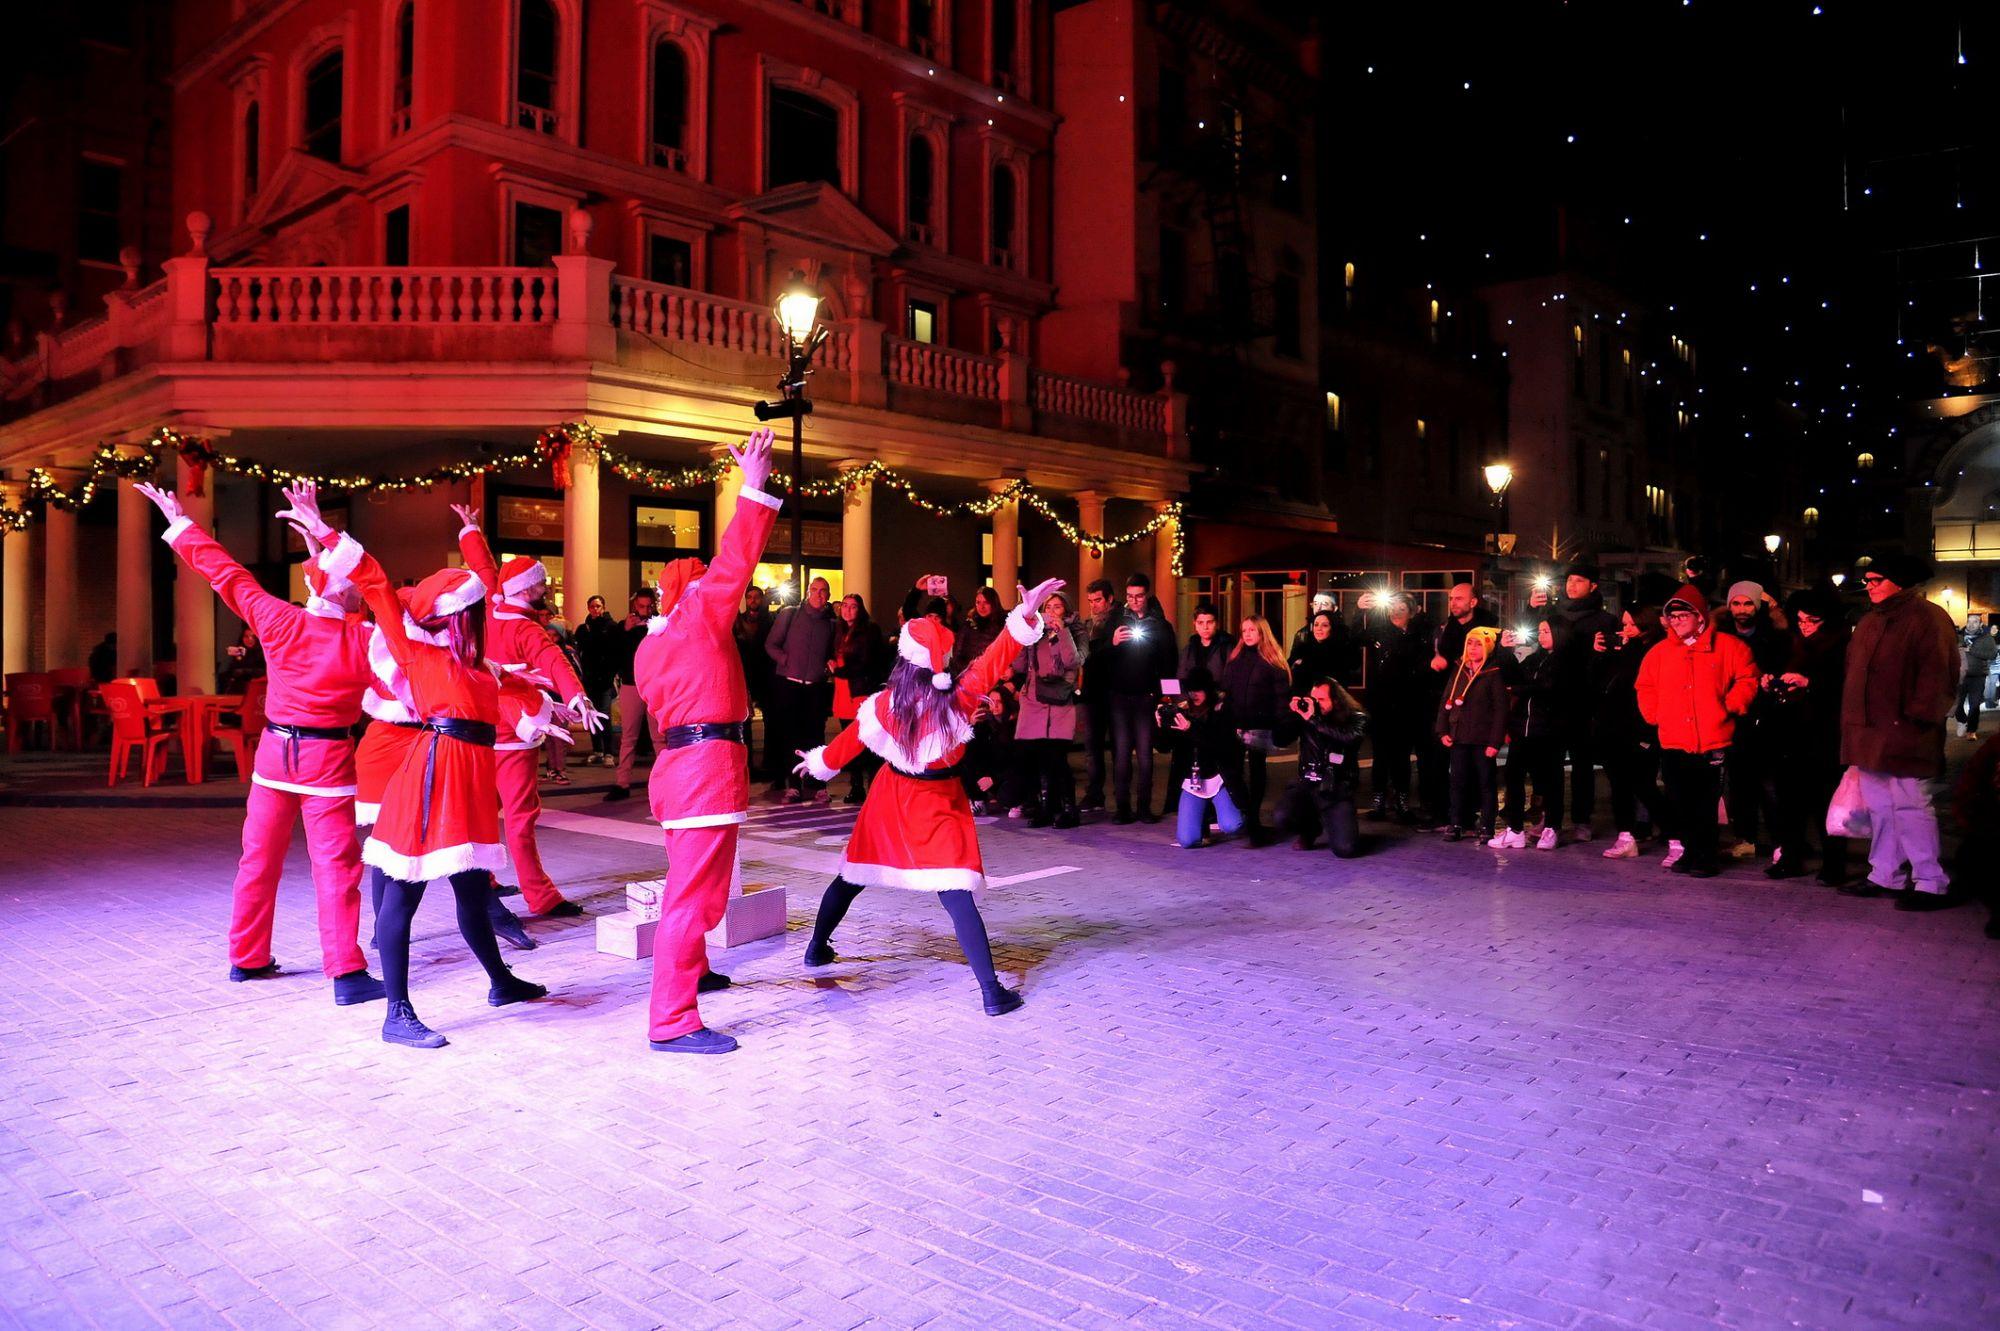 Cinecittà World: in arrivo il Natale - Parksmania